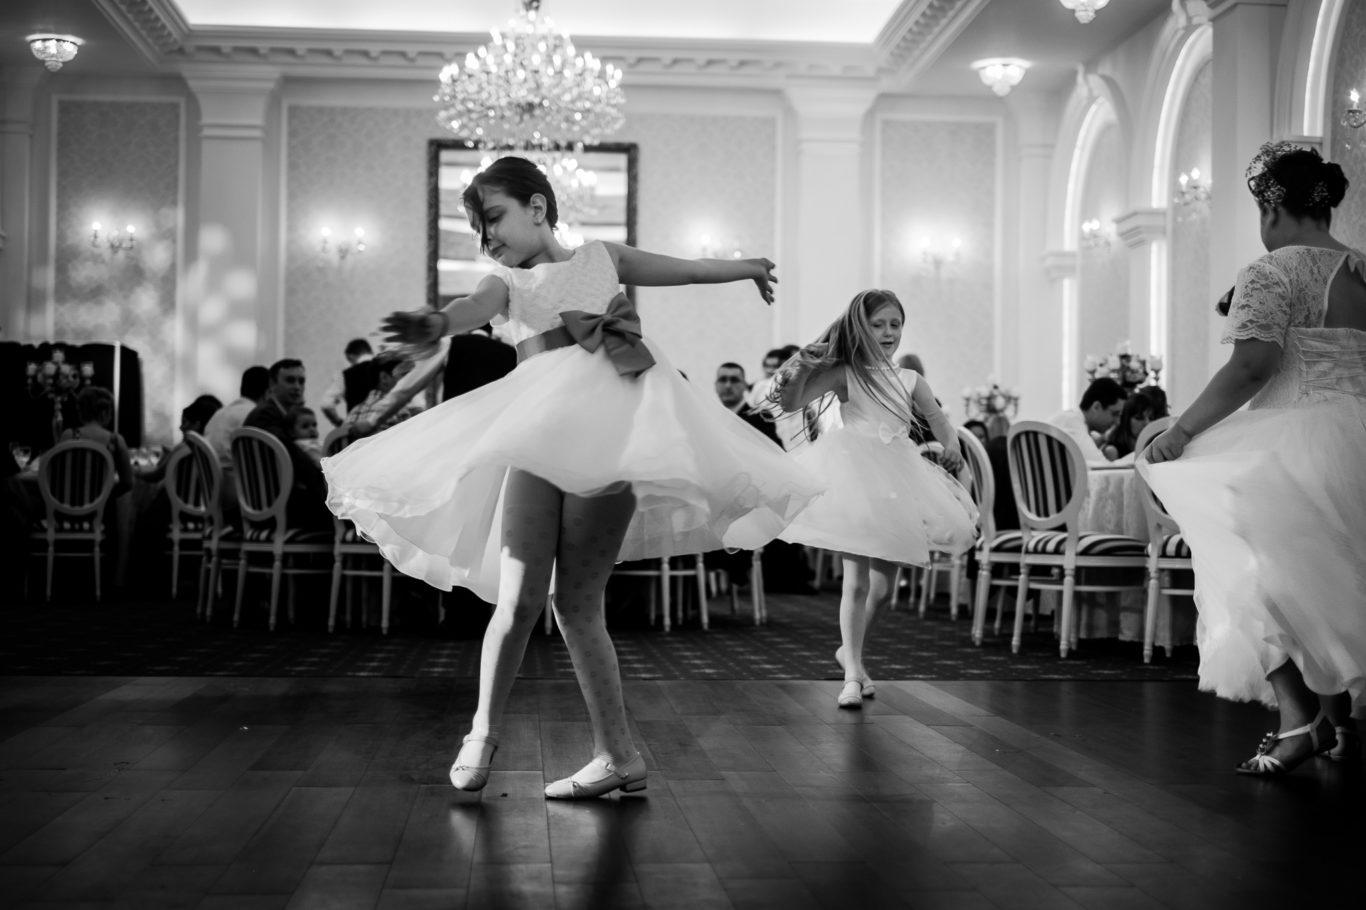 0840-Fotografie-nunta-Mirela-Iulian-fotograf-Ciprian-Dumitrescu-DSCF1382